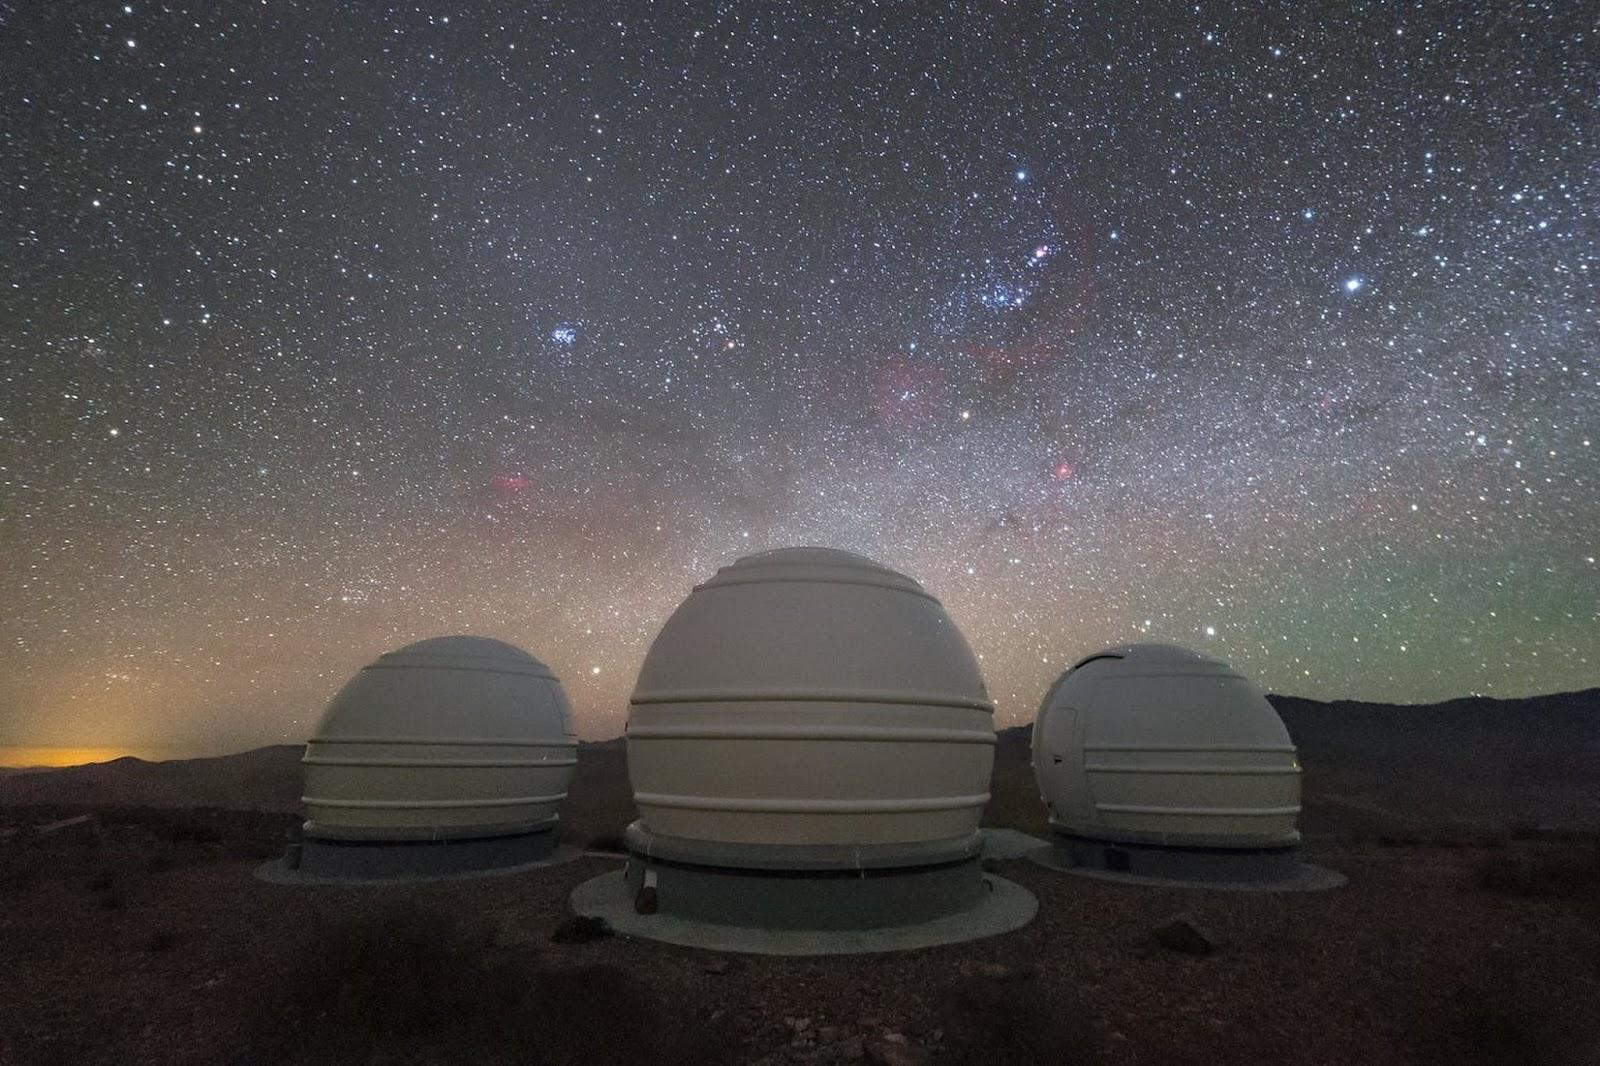 Image Credit: Petr Horálek/ESO